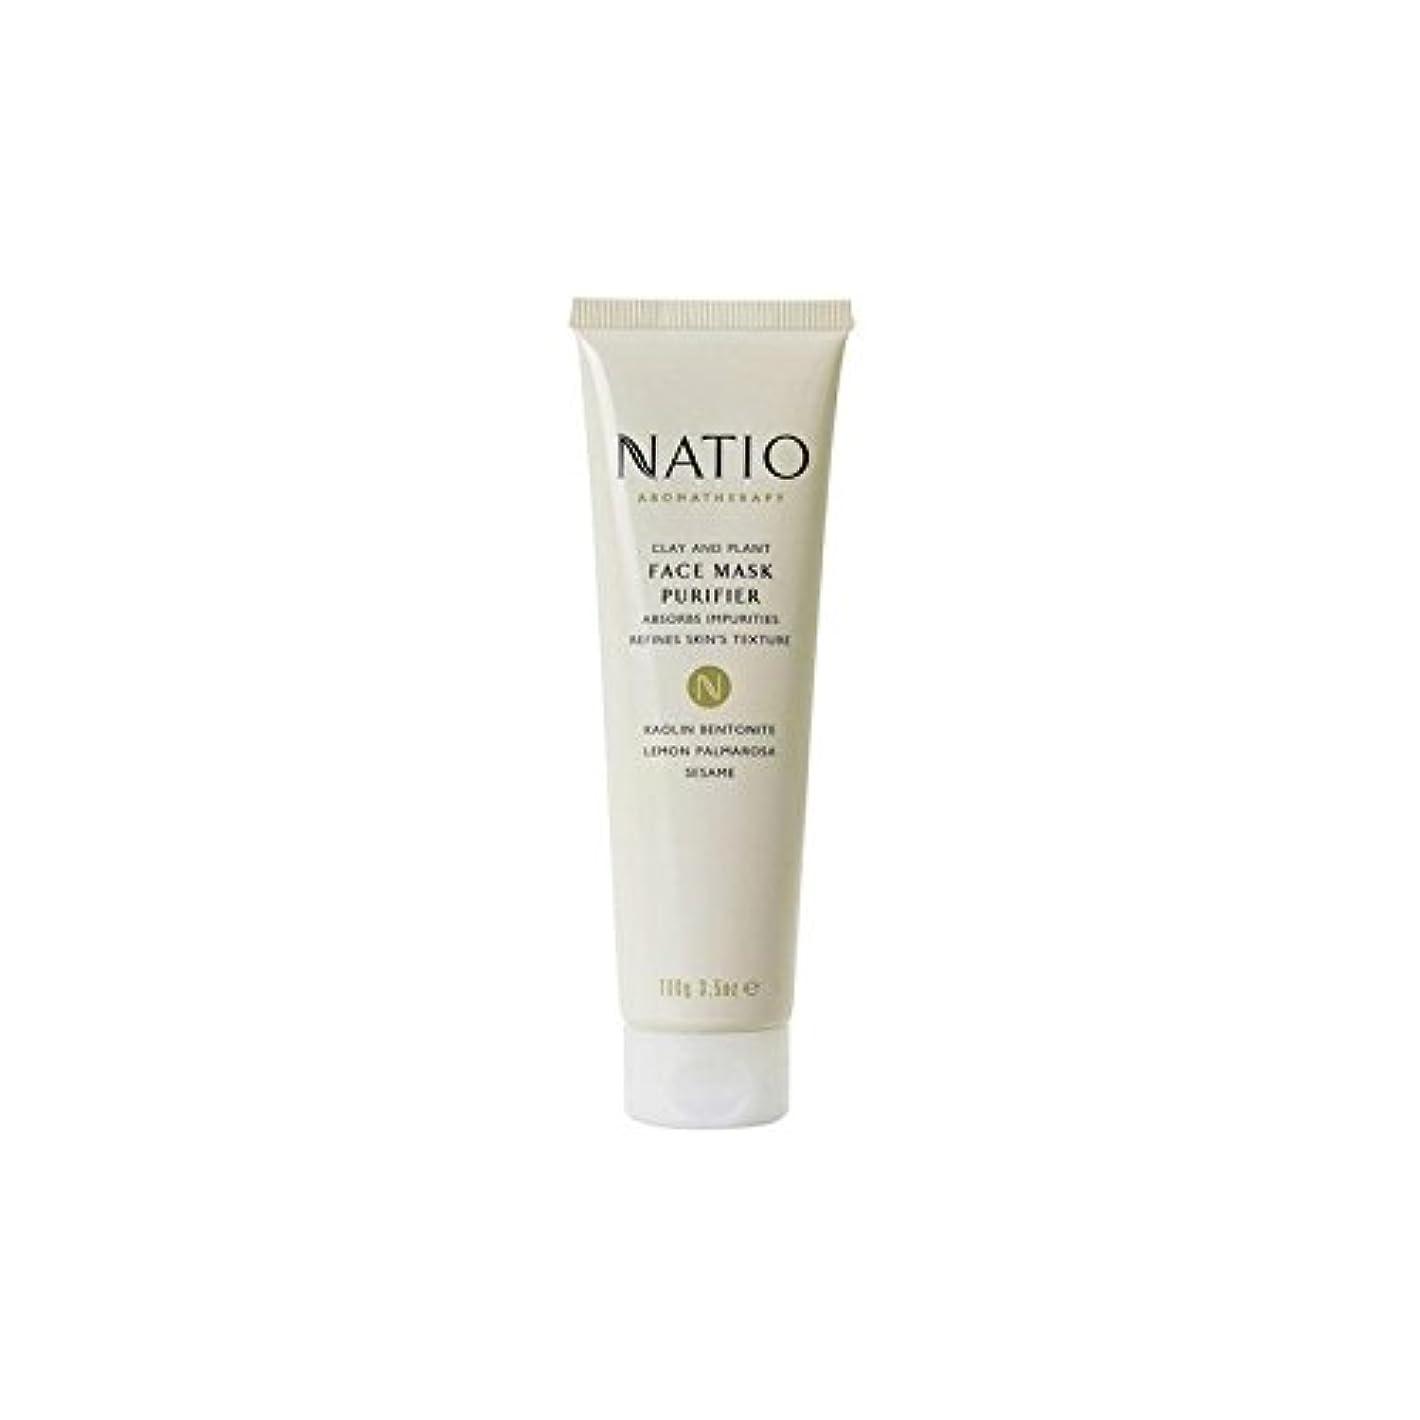 はっきりとリレー腐敗したNatio Clay & Plant Face Mask Purifier (100G) - 粘土&植物フェイスマスクの浄化(100グラム) [並行輸入品]